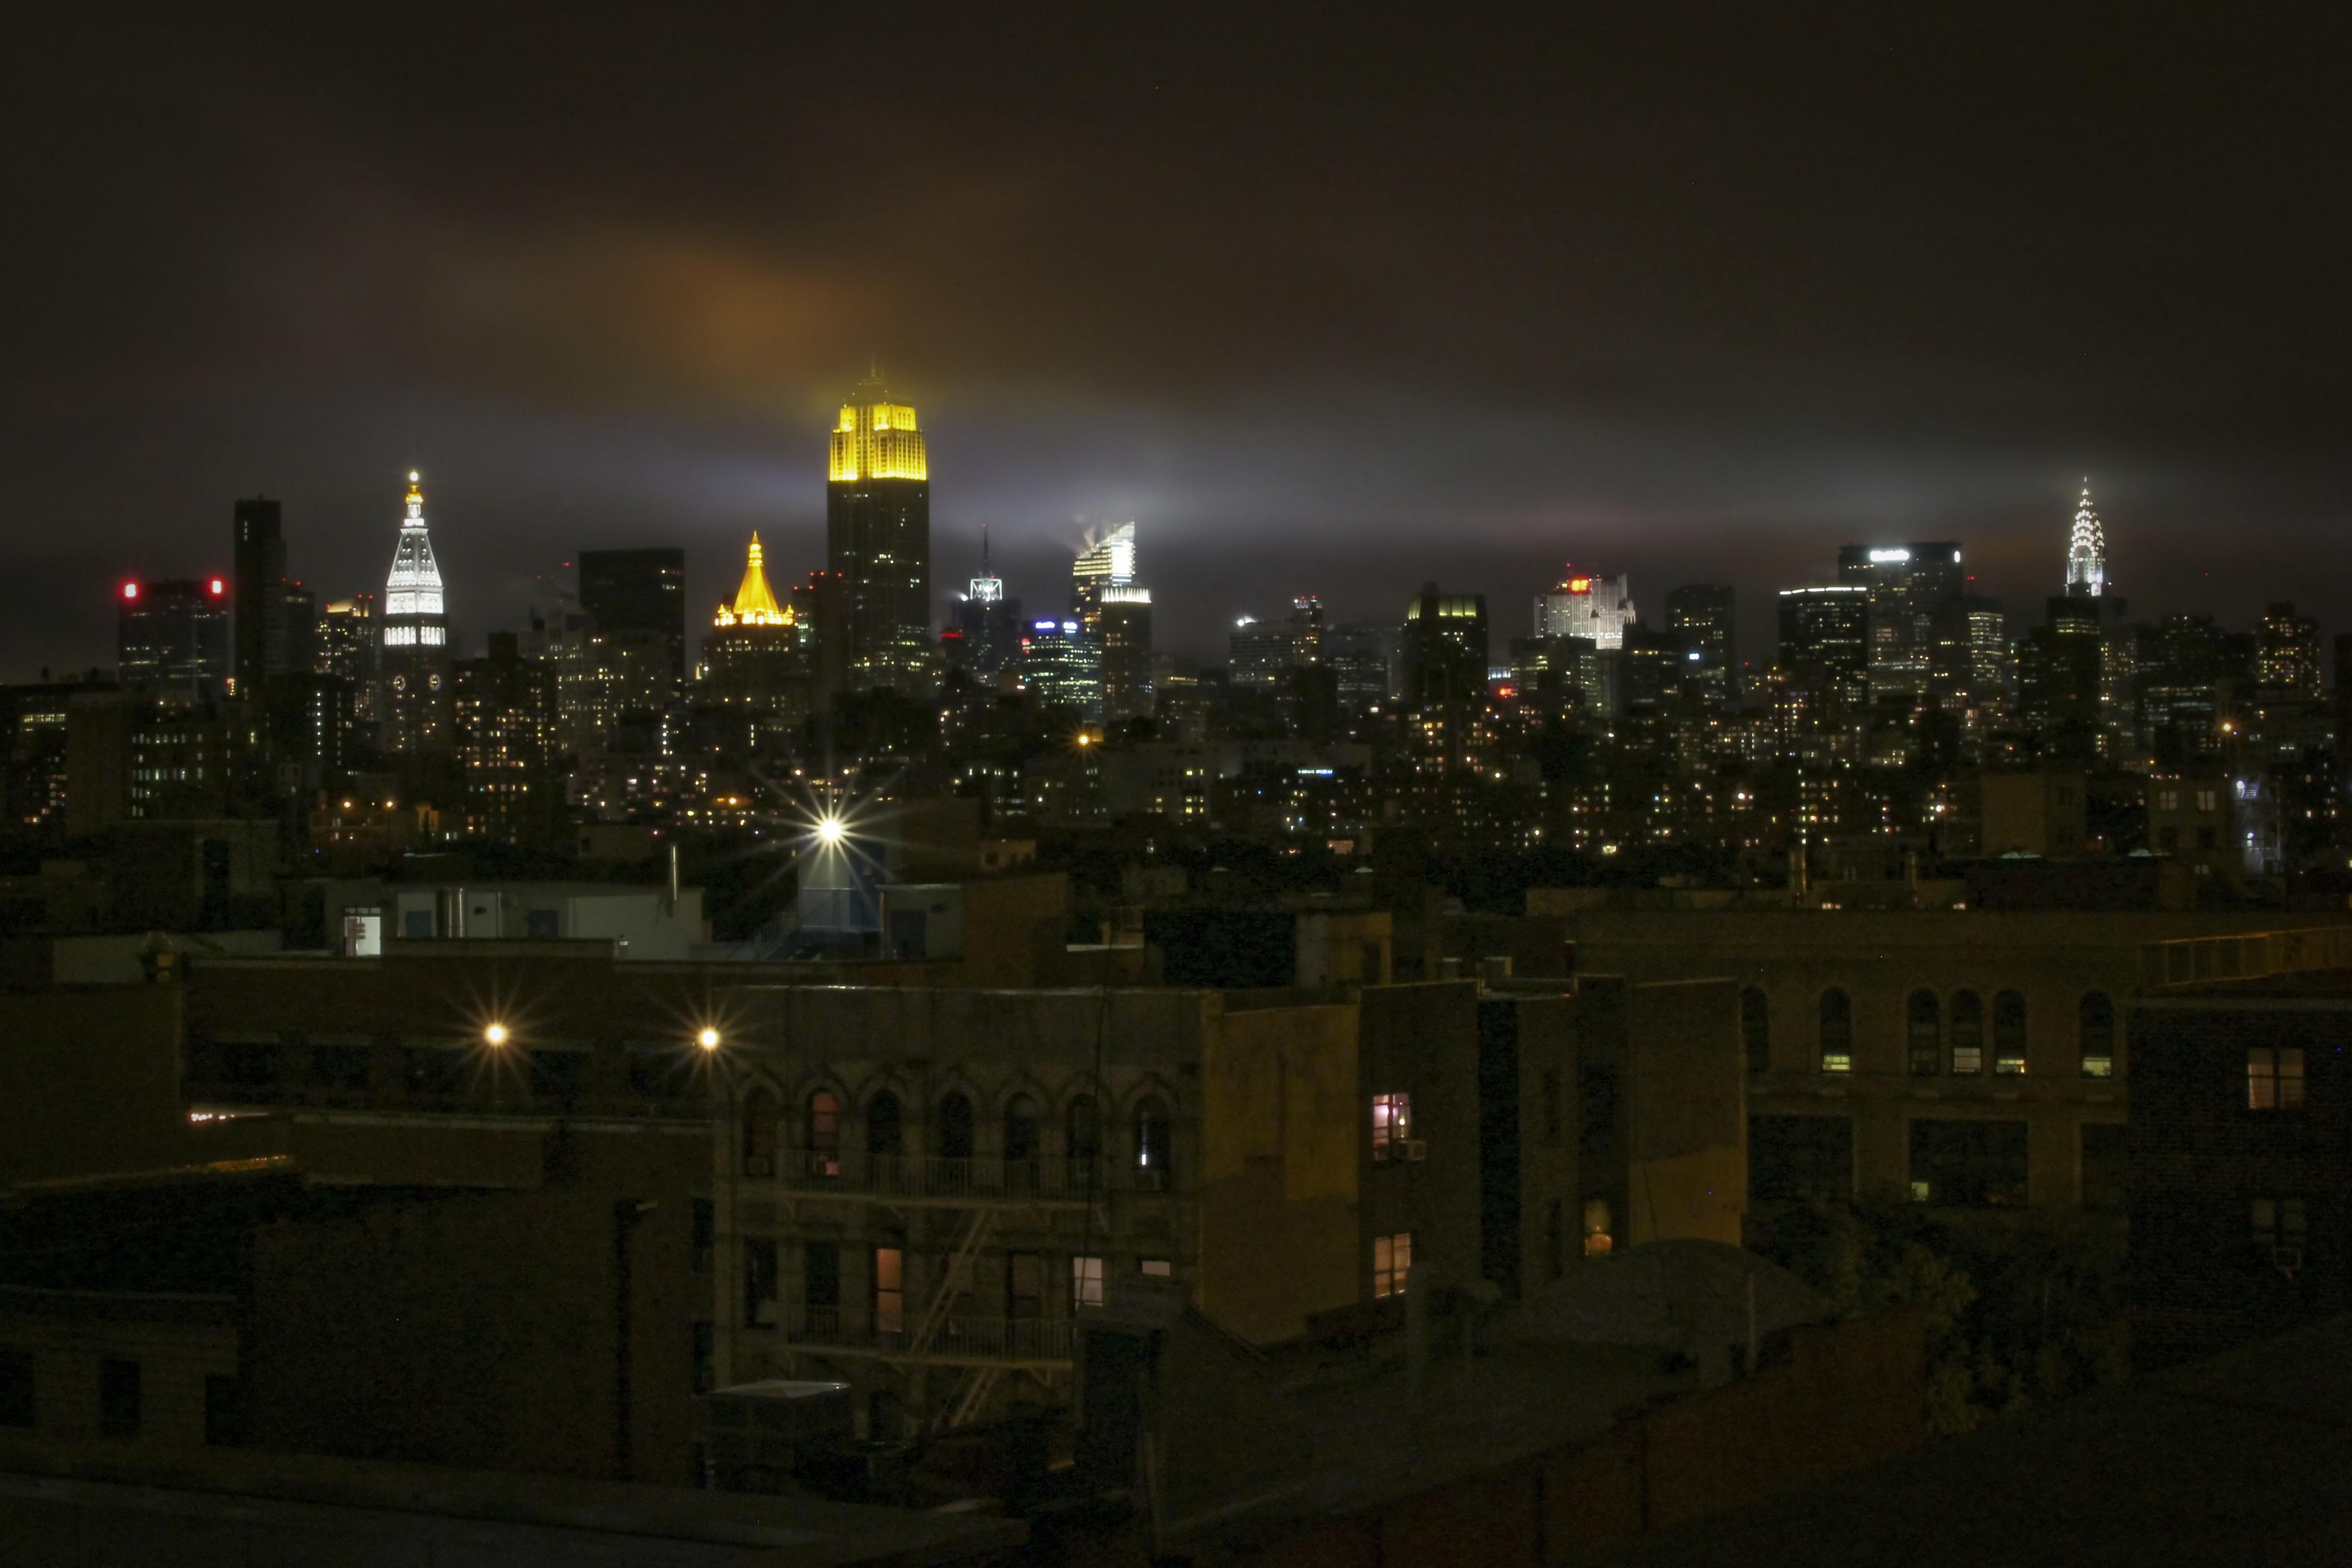 new york at night - photo #21